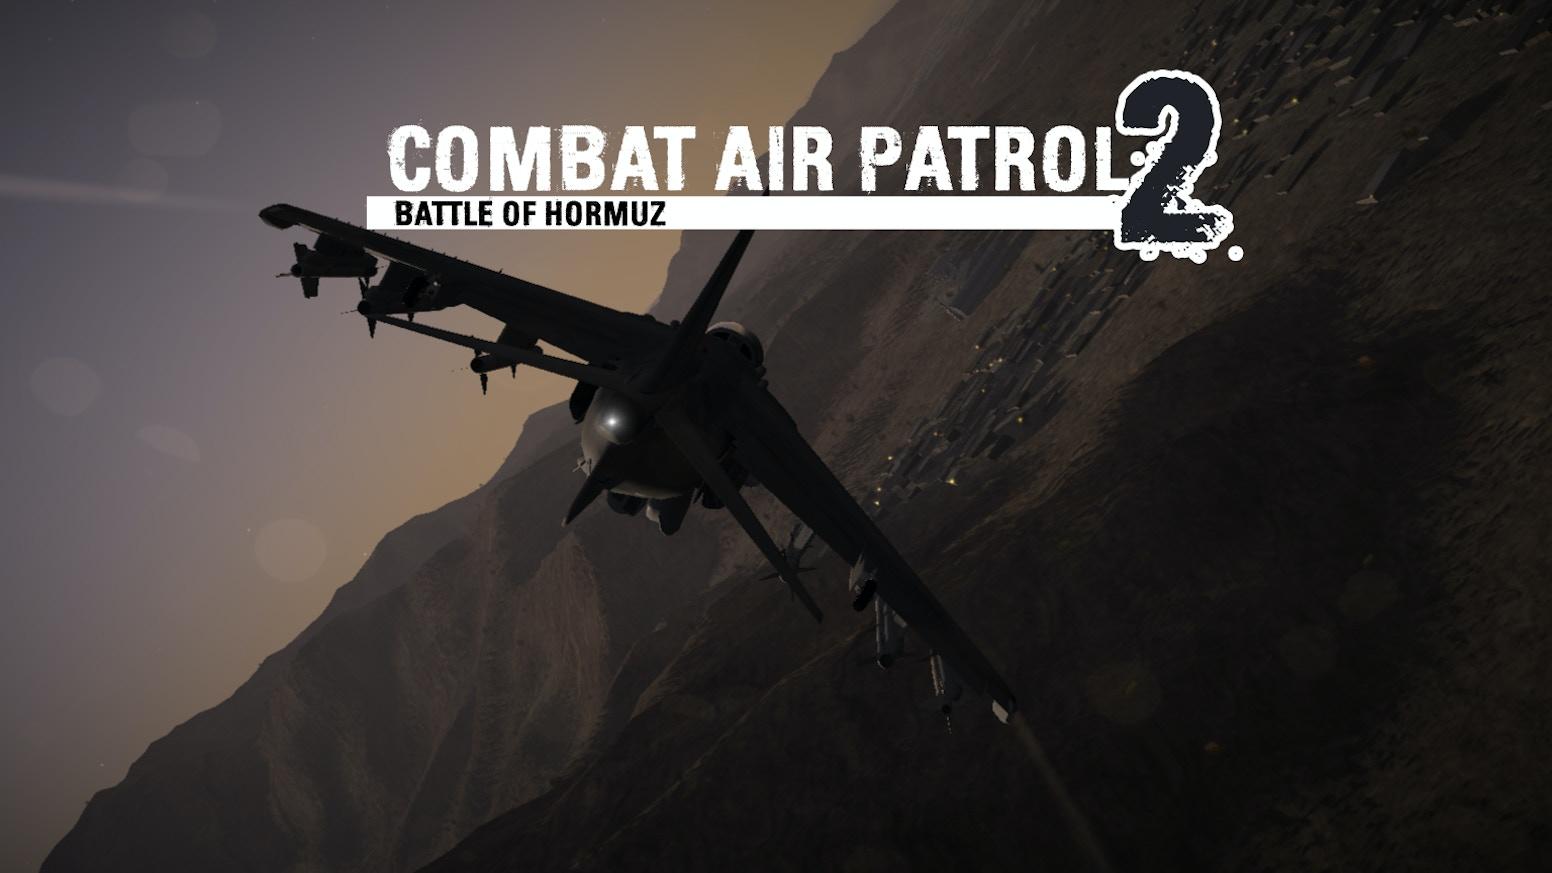 Combat Air Patrol 2, steam greenlight and now Kickstarter - Flight